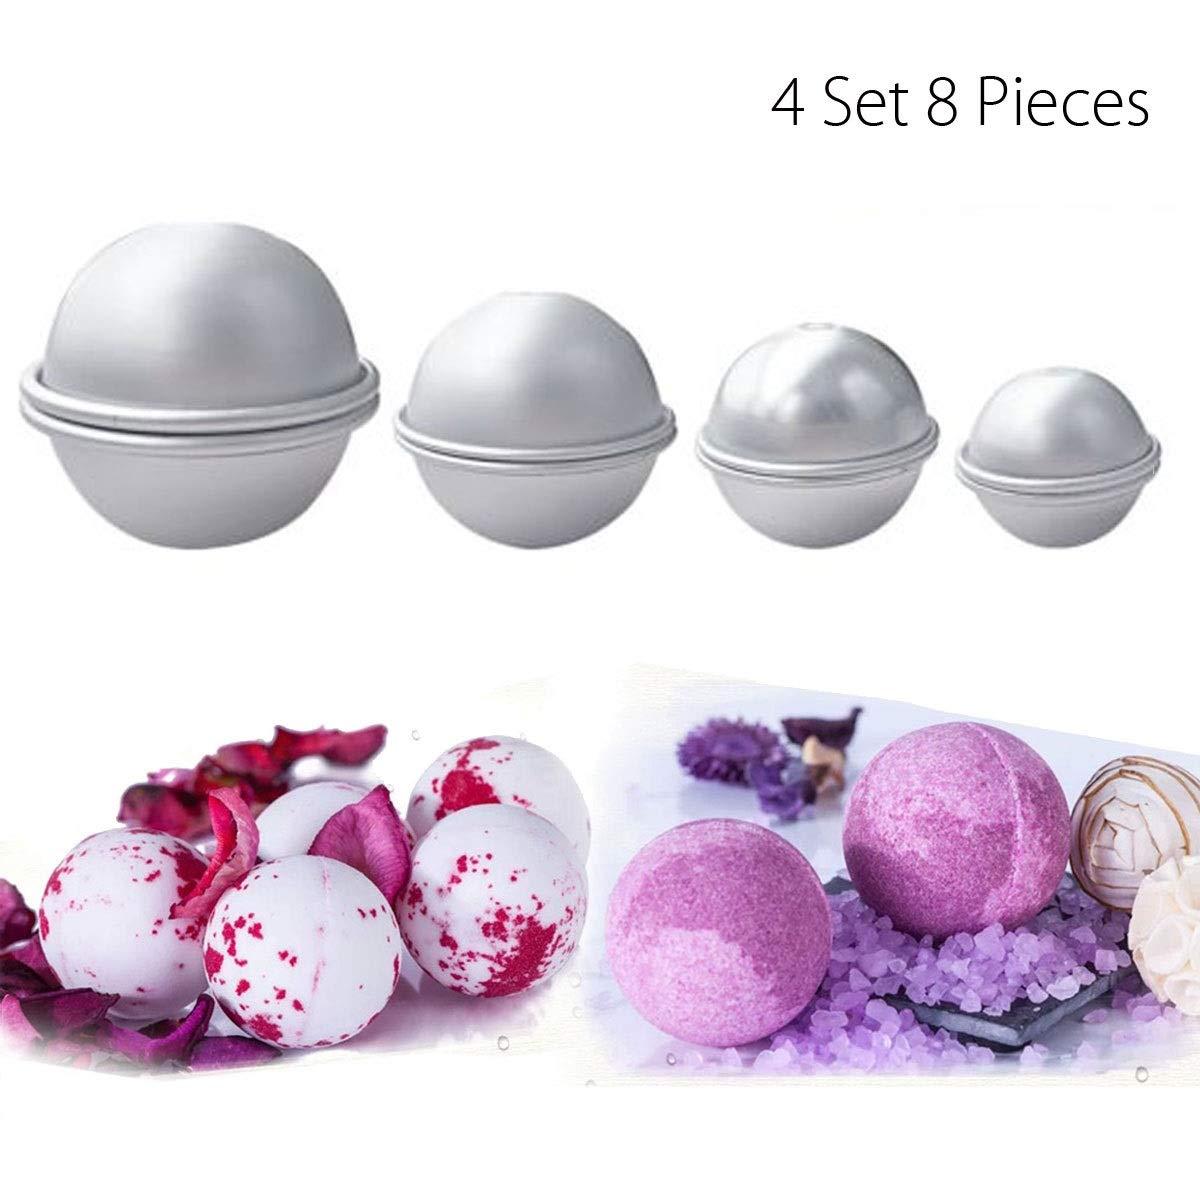 Yannay qualità Stampi Bomb Bath, 4 Set 8 Pezzi di Sapone Fai da Te in Alluminio Fai da Te Stampo bomboni Fatti in casa per la Festa o Il Natale